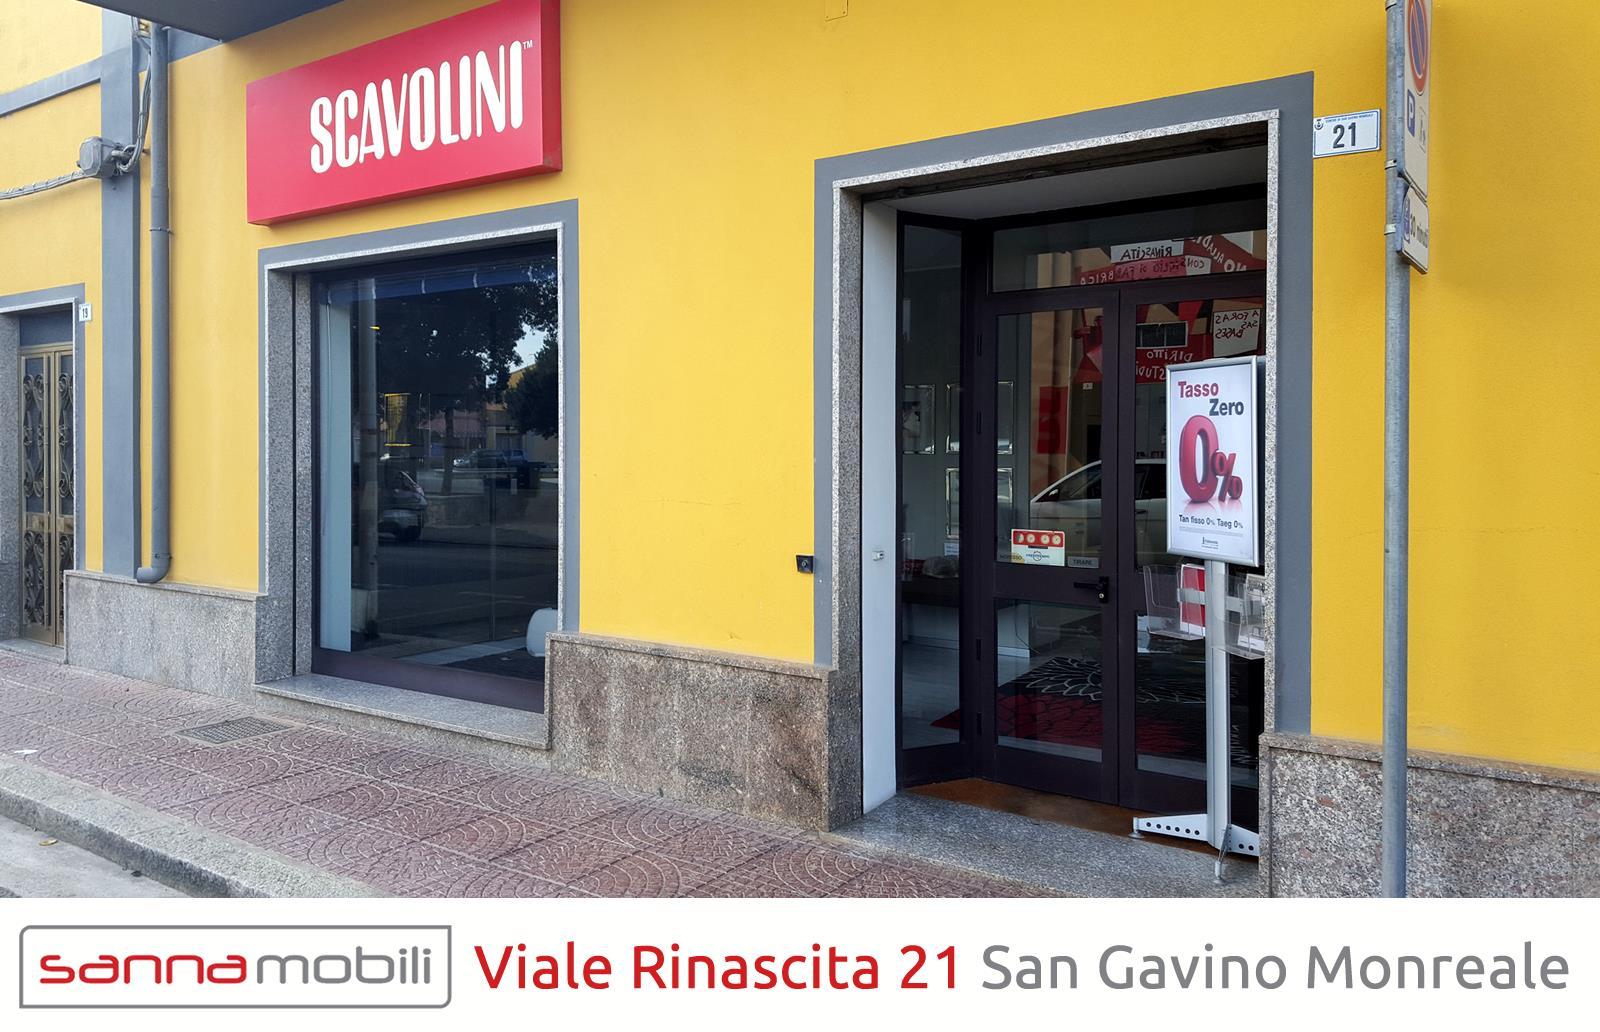 Sanna Mobili, un riferimento di qualità per l'arredamento in Sardegna